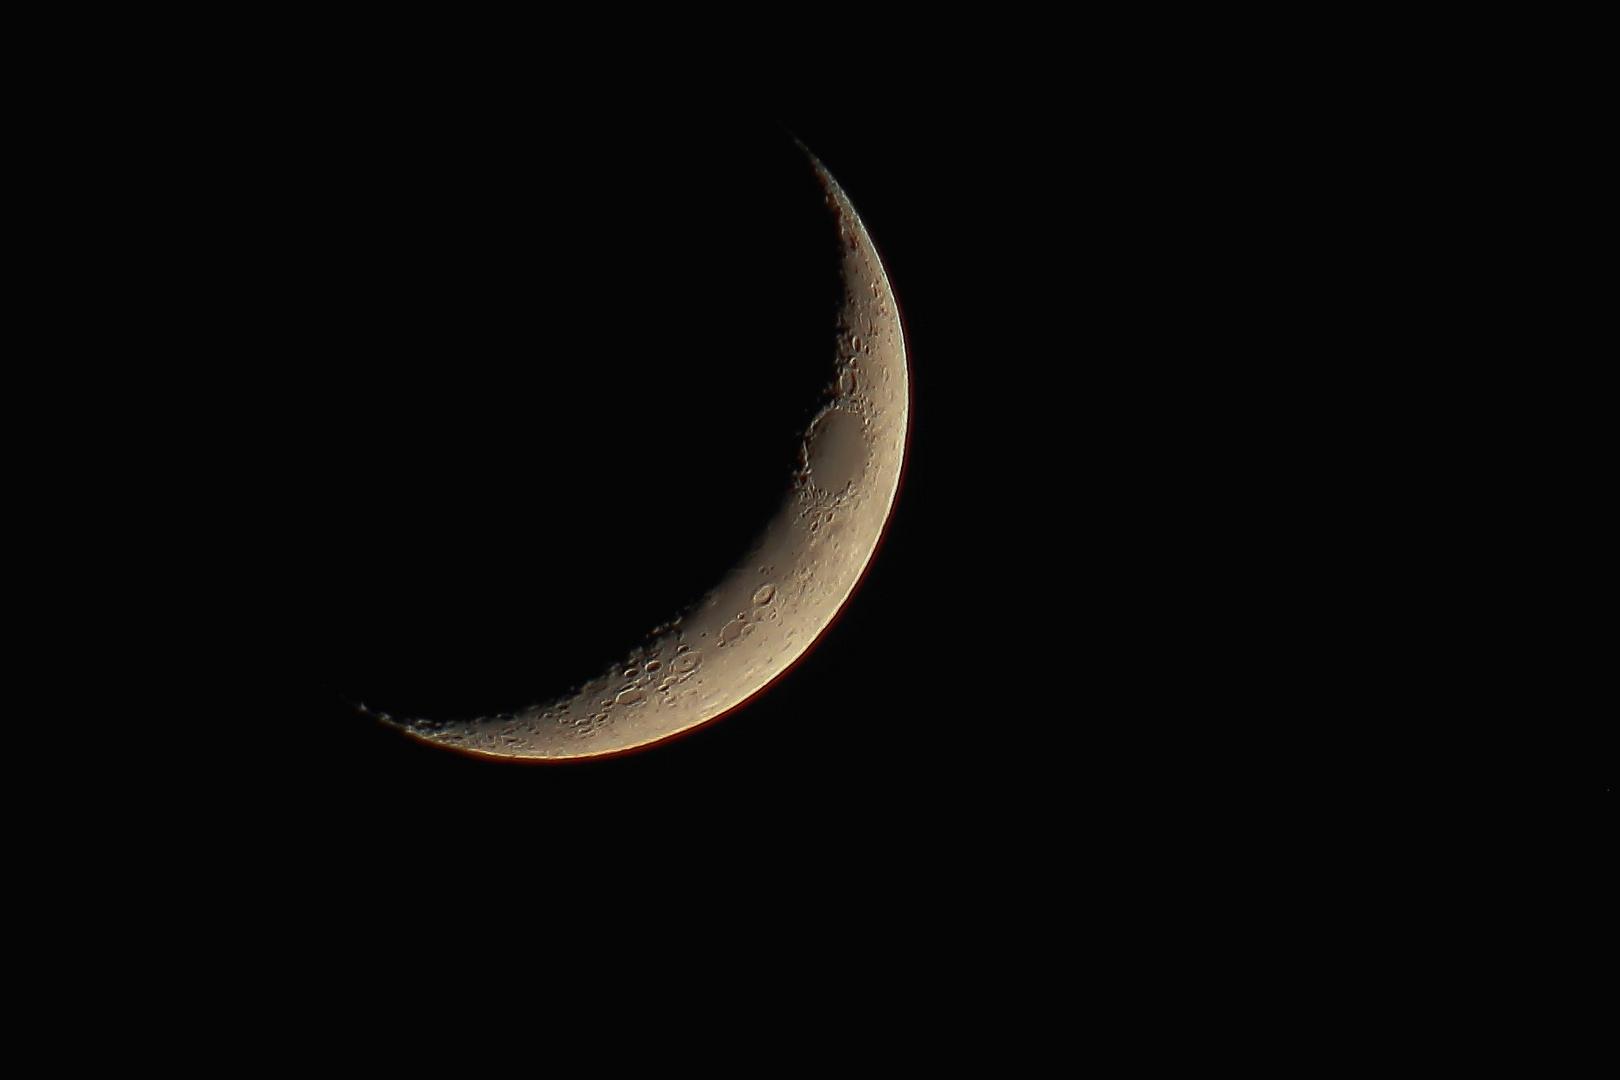 Mond von heute....